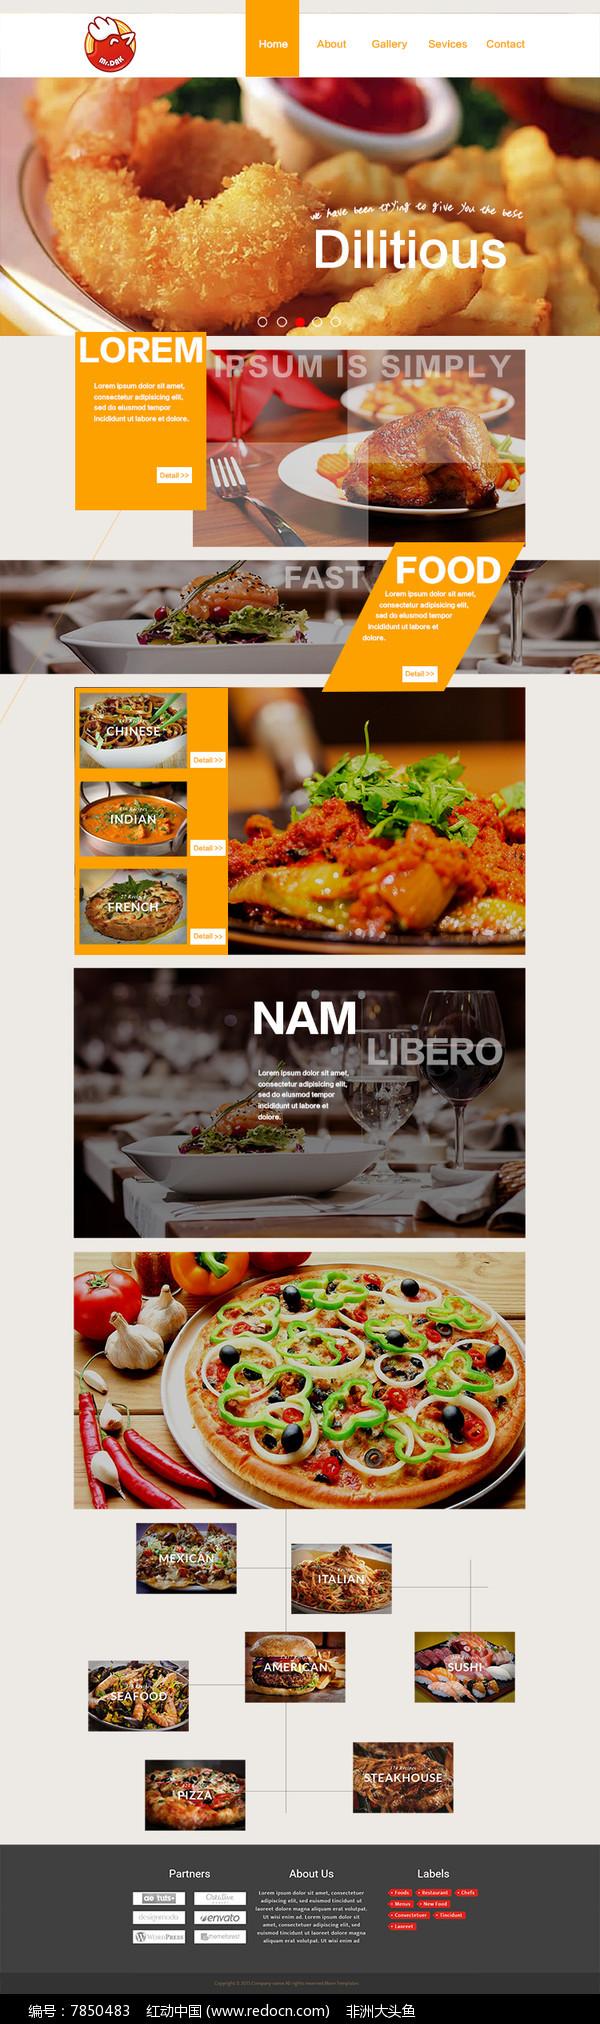 美食界面网页设计图片